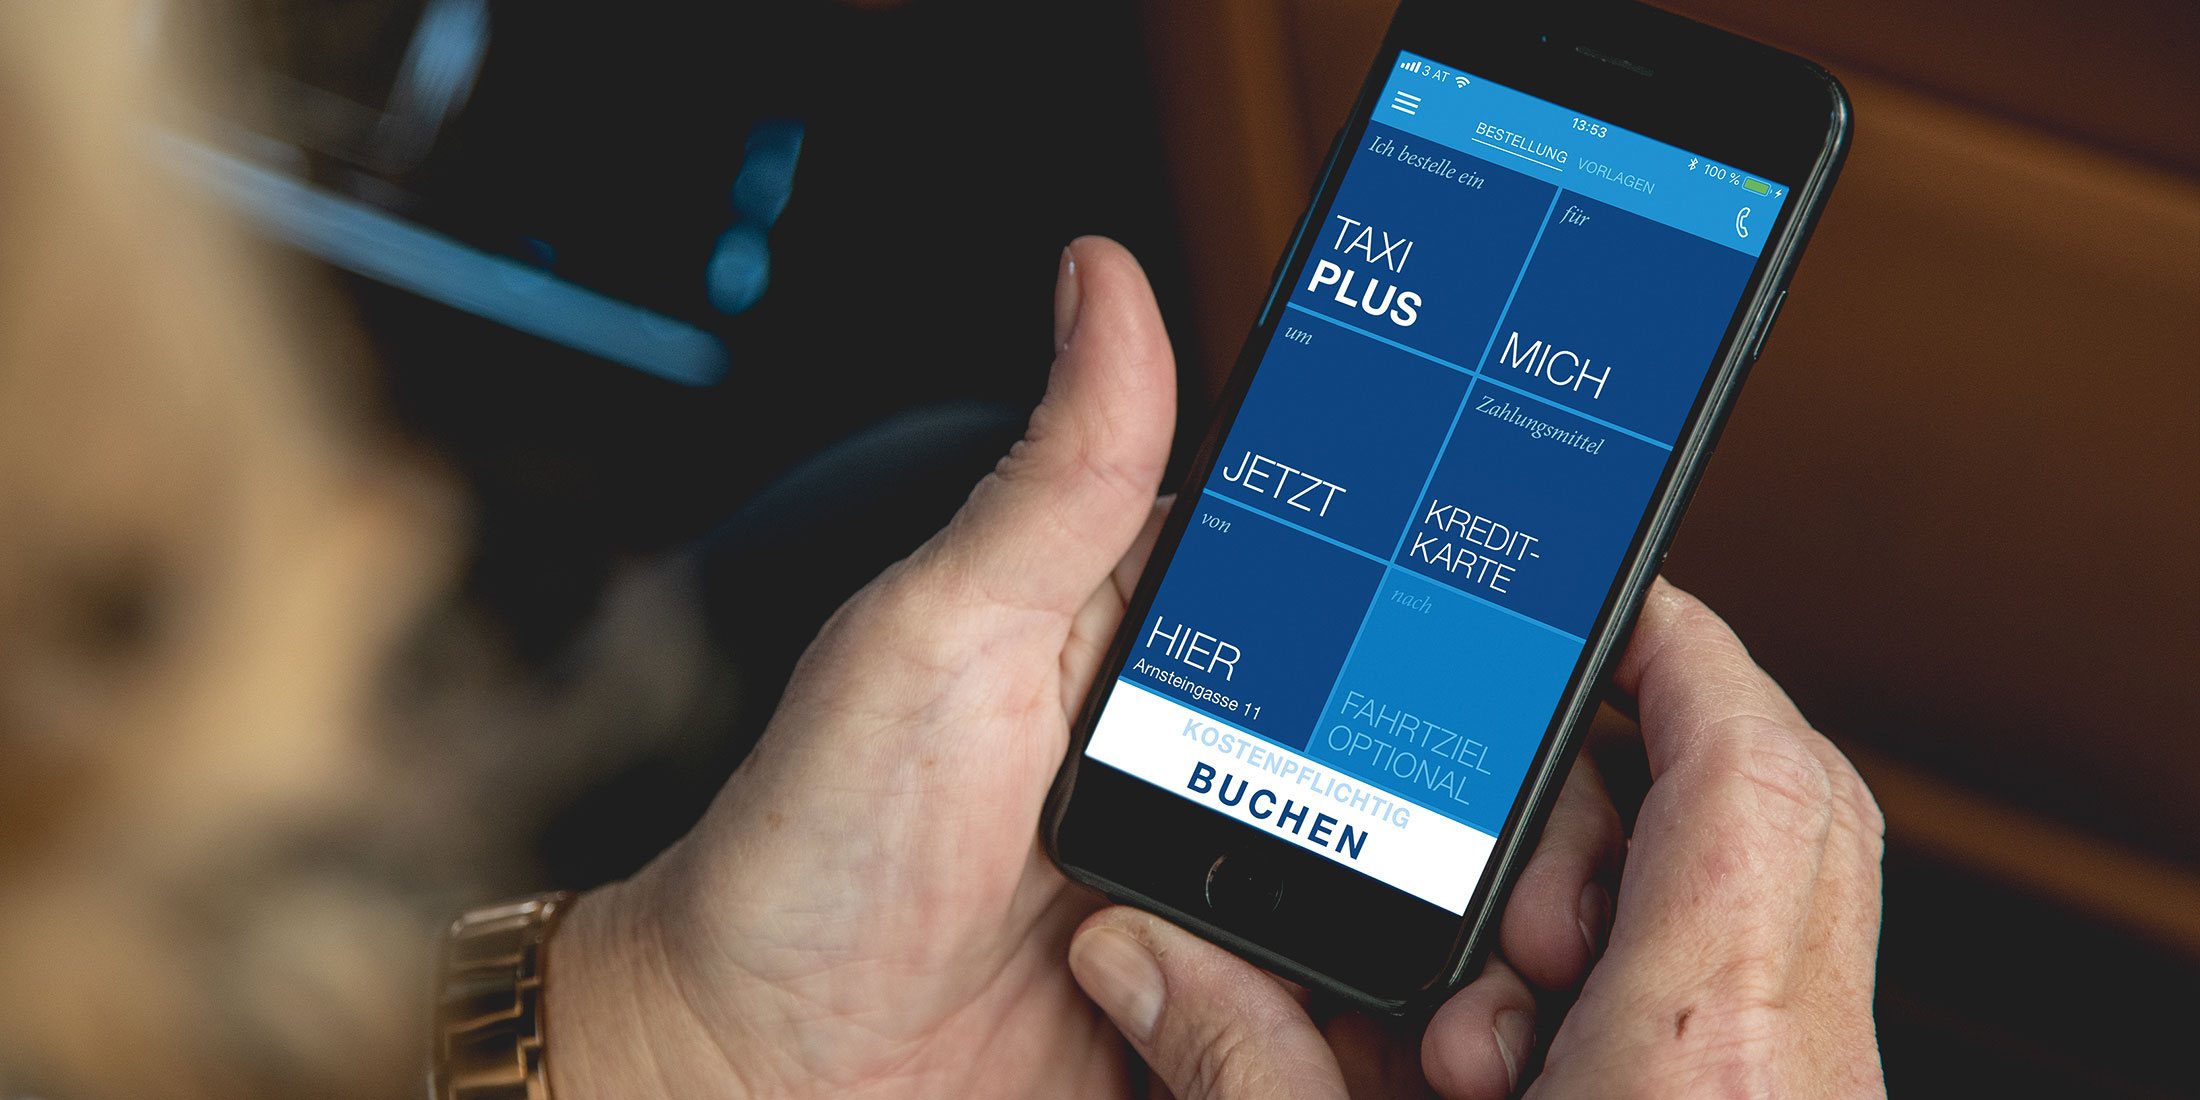 Der Home Screen der TaxiPlus App ist am Display eines Handys zu sehen, welches von einer älteren Dame gehalten wird.